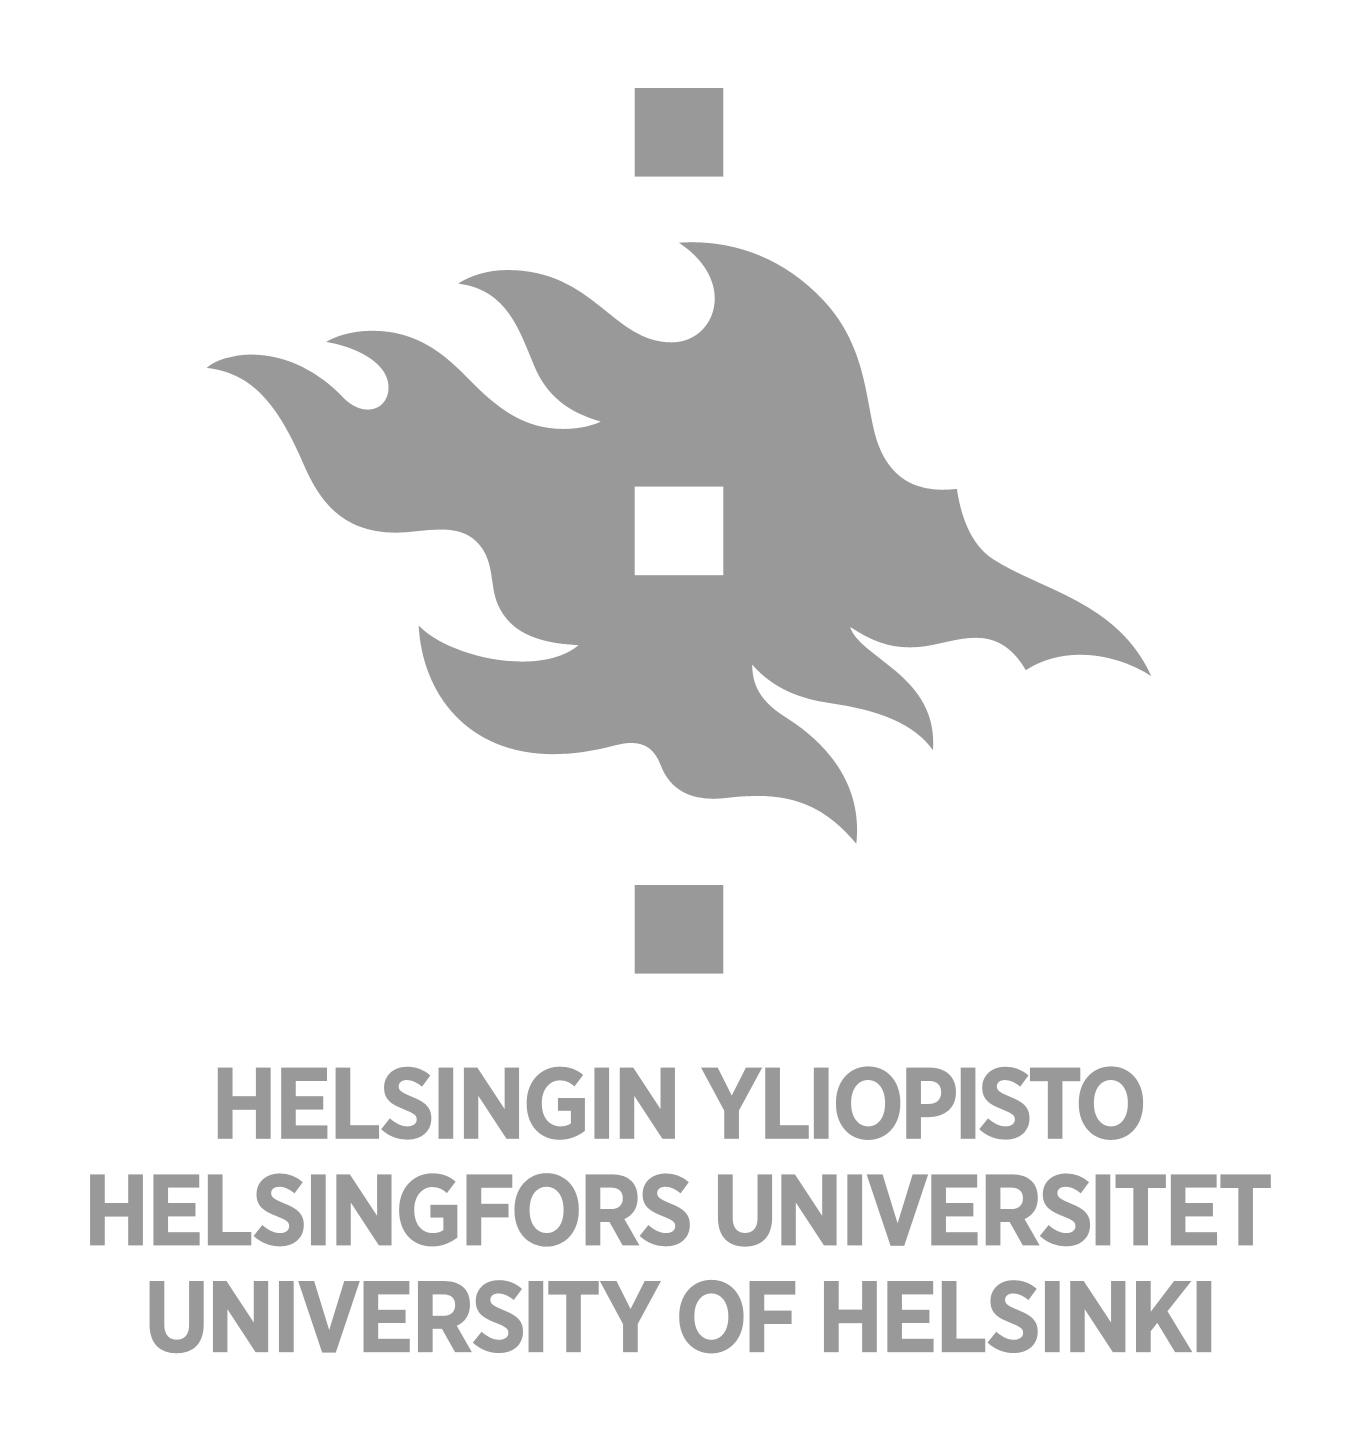 helsingin-yliopisto-varainhankinnan-yhteyspaallikko-helsinki-sdsuu-3073203 logo